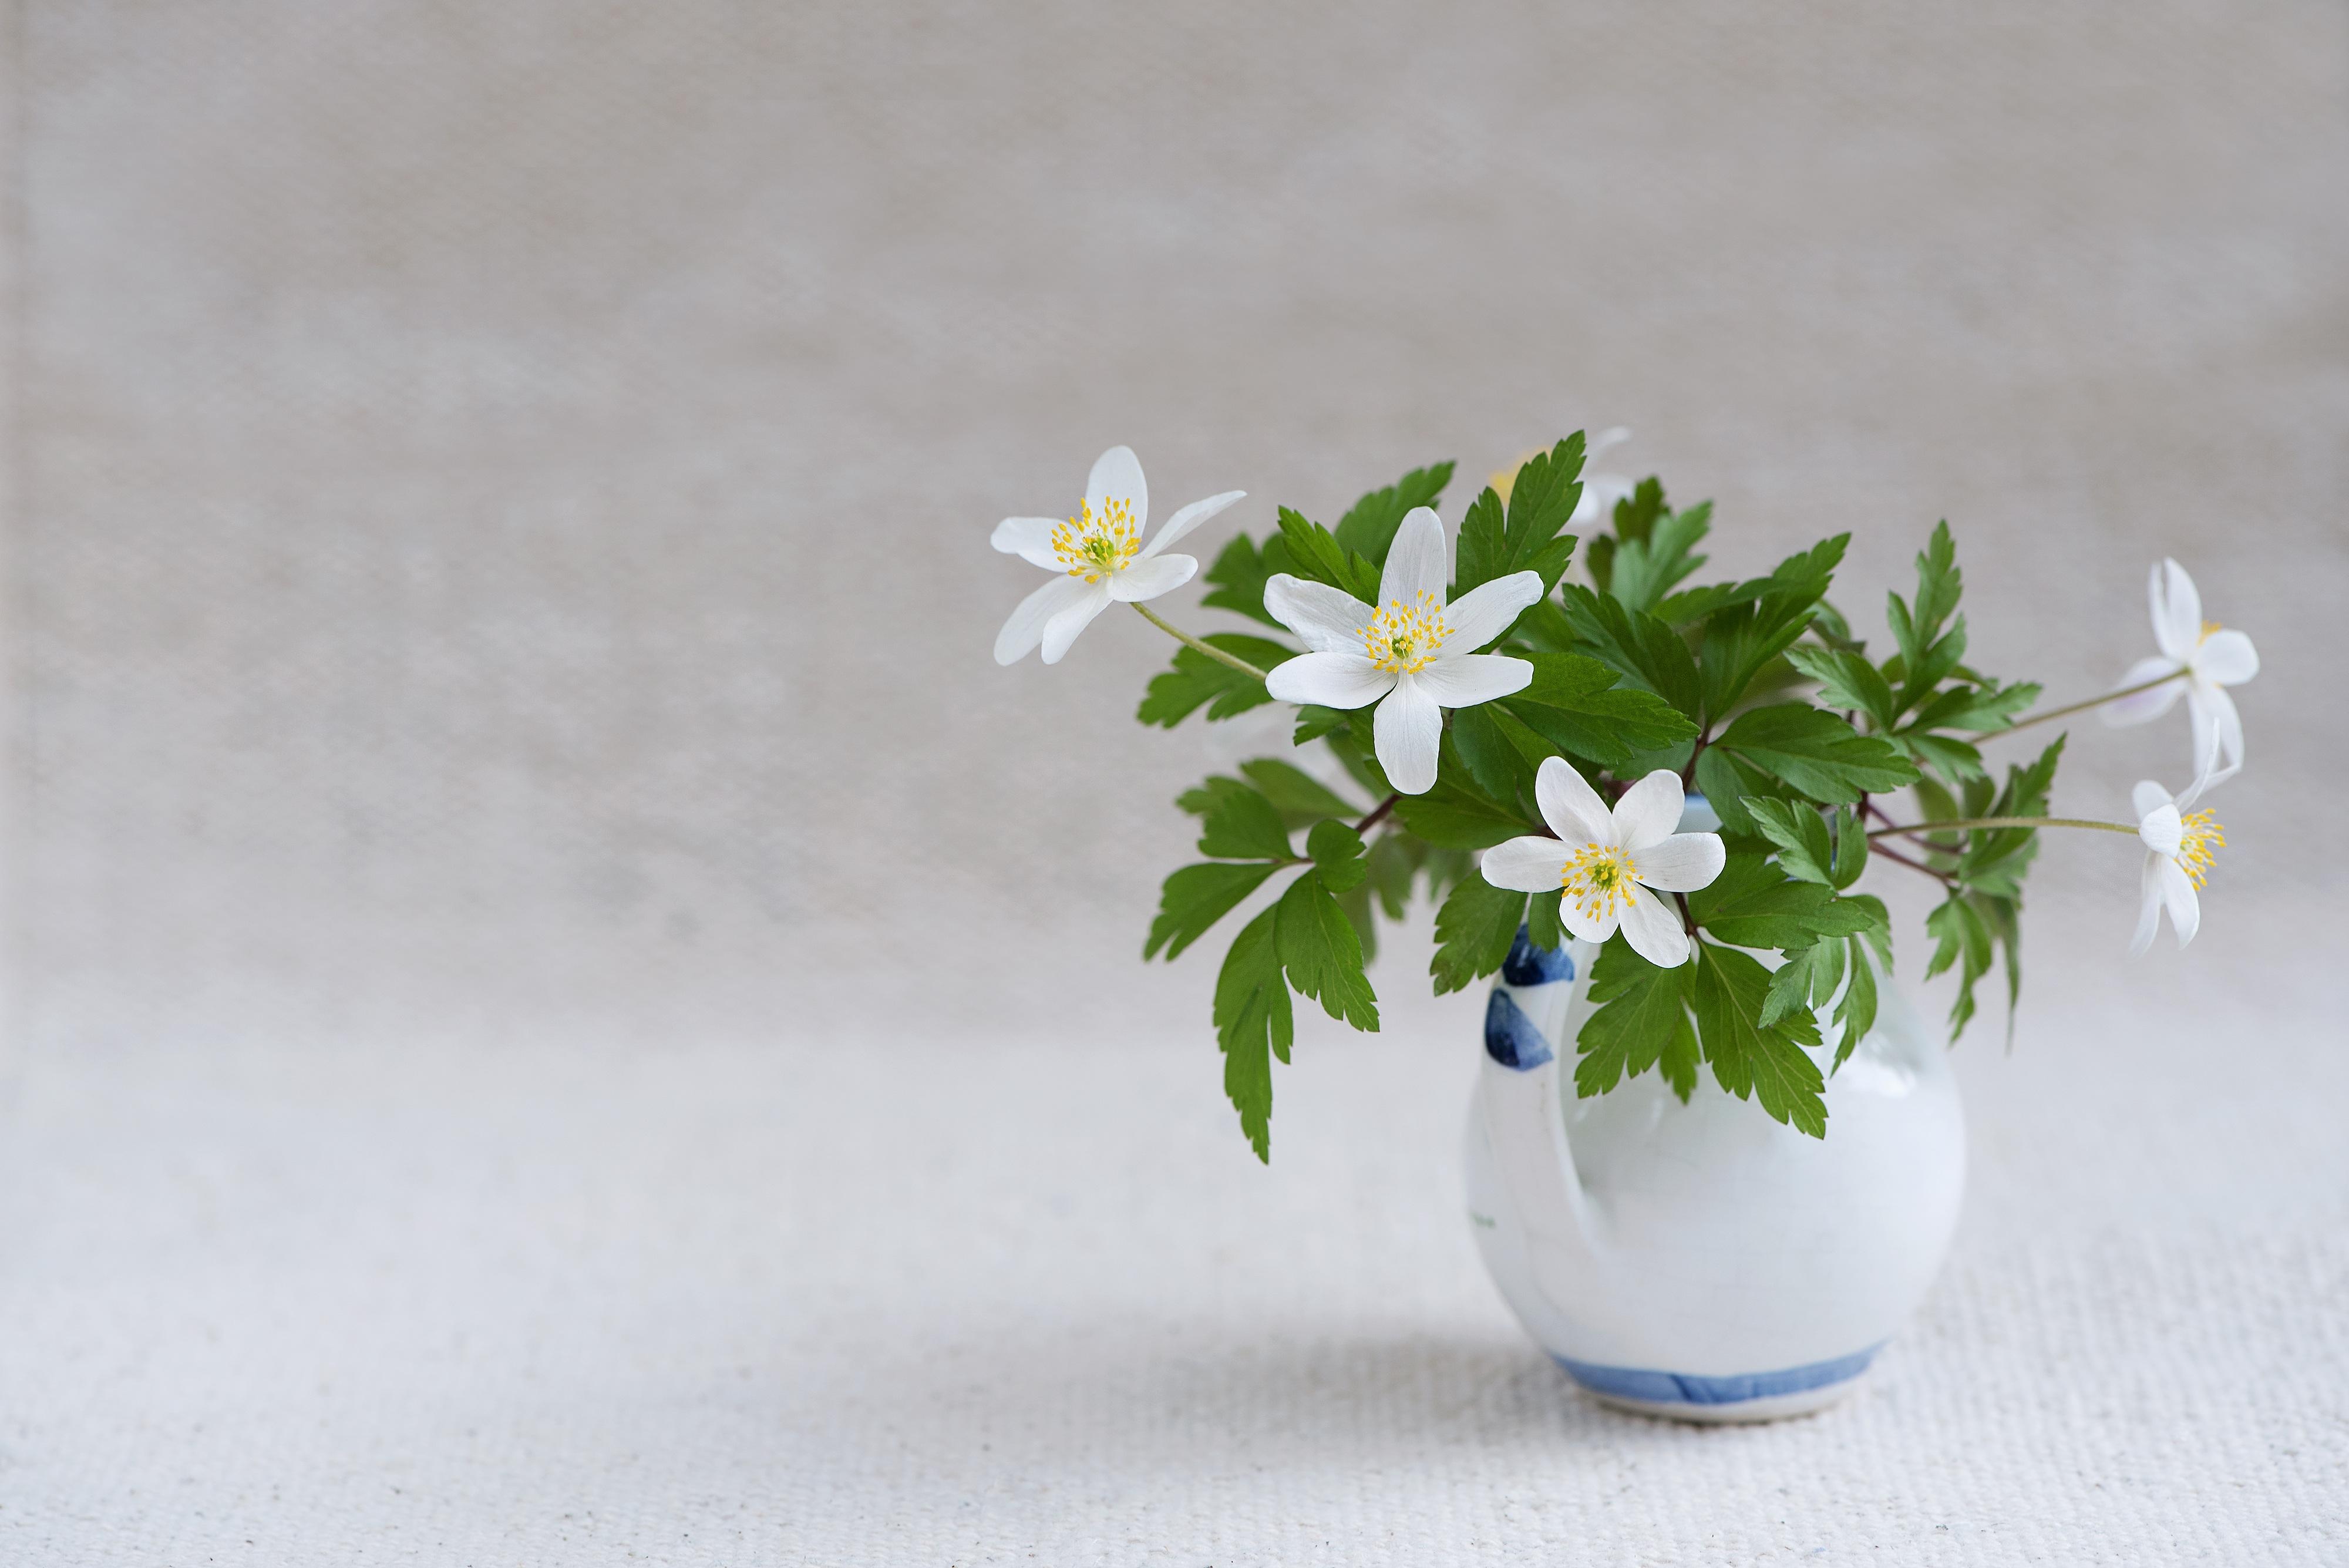 Картинки на рабочий стол цветок в вазе